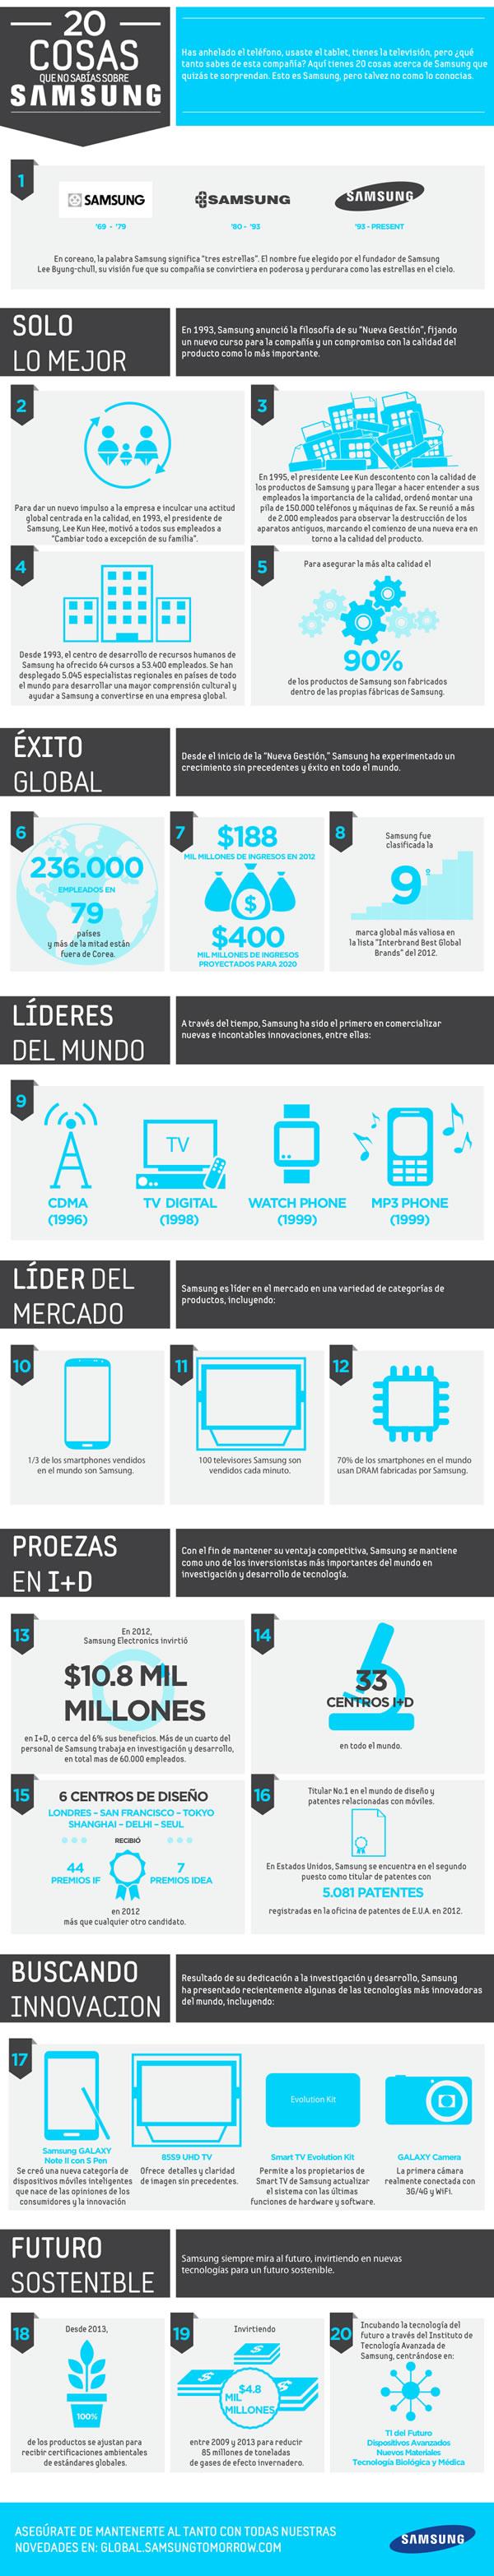 El significado del logo de Samsung y otras cosas que no conocías sobre esta marca - samsung-infografia